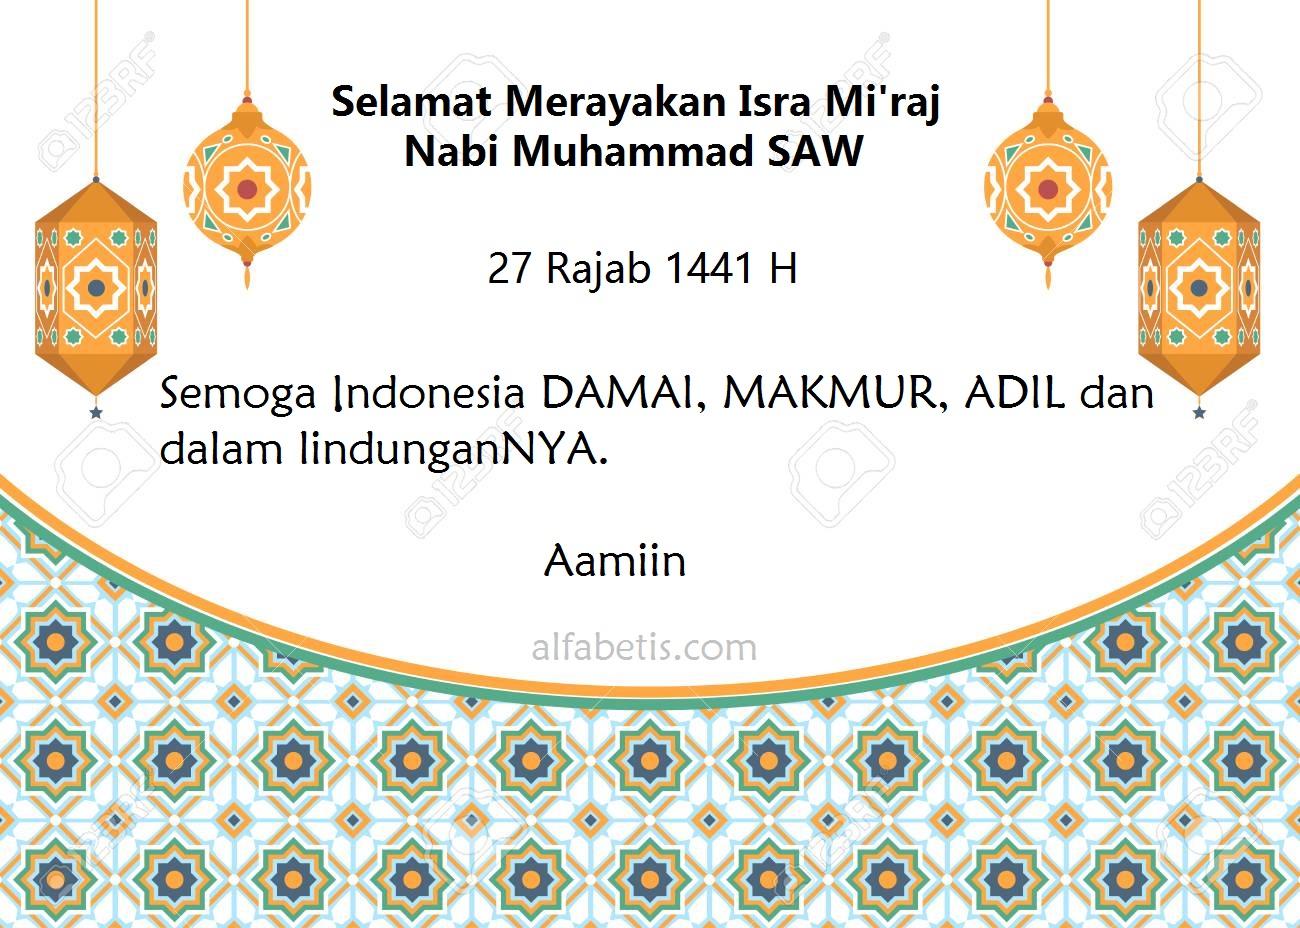 kartu kata-kata isra mi'raj nabi muhammad terbaik dan paling menarik